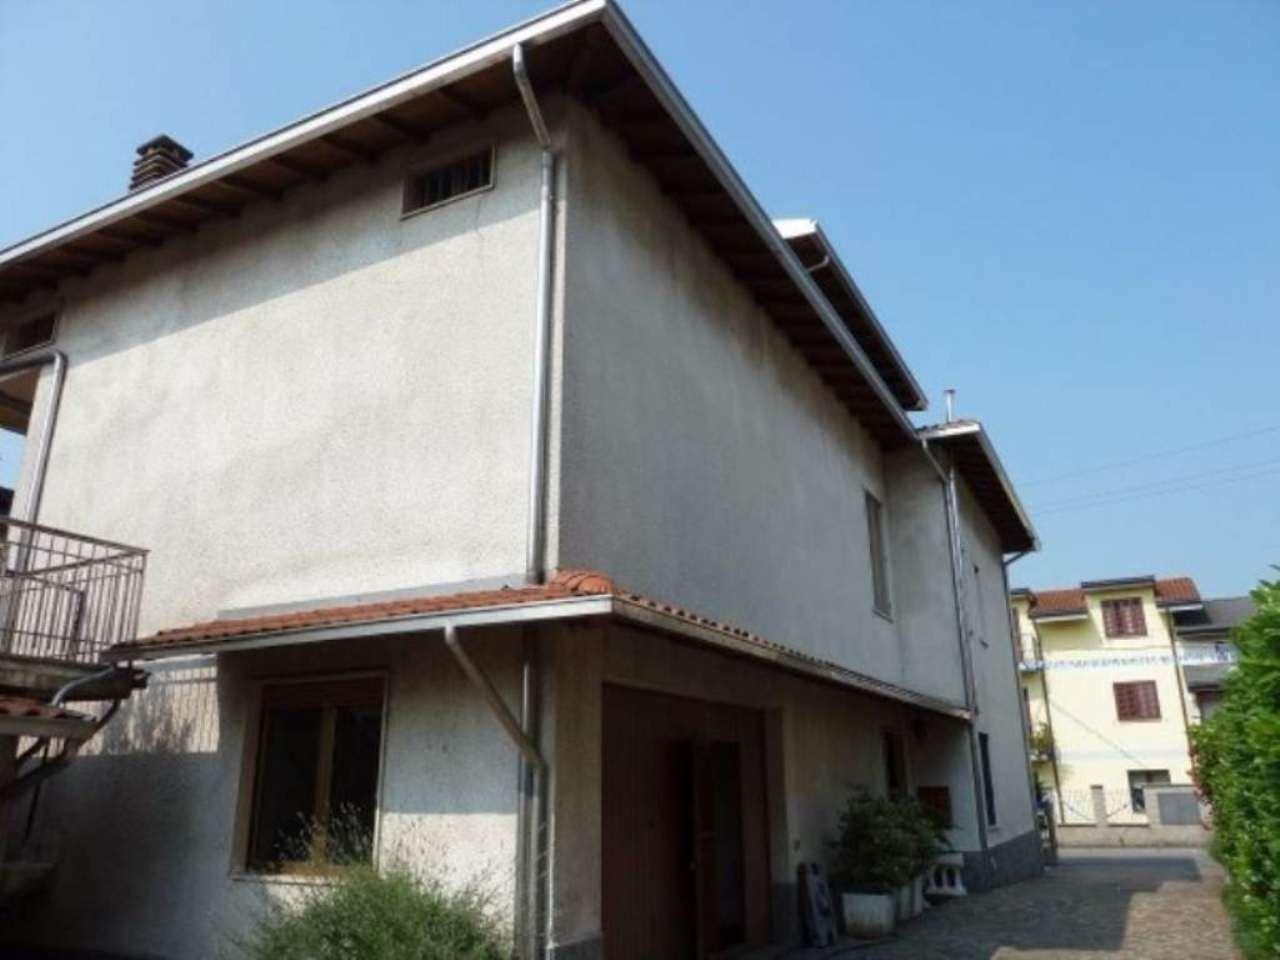 Villa in vendita a Limbiate, 5 locali, prezzo € 299.000 | Cambio Casa.it